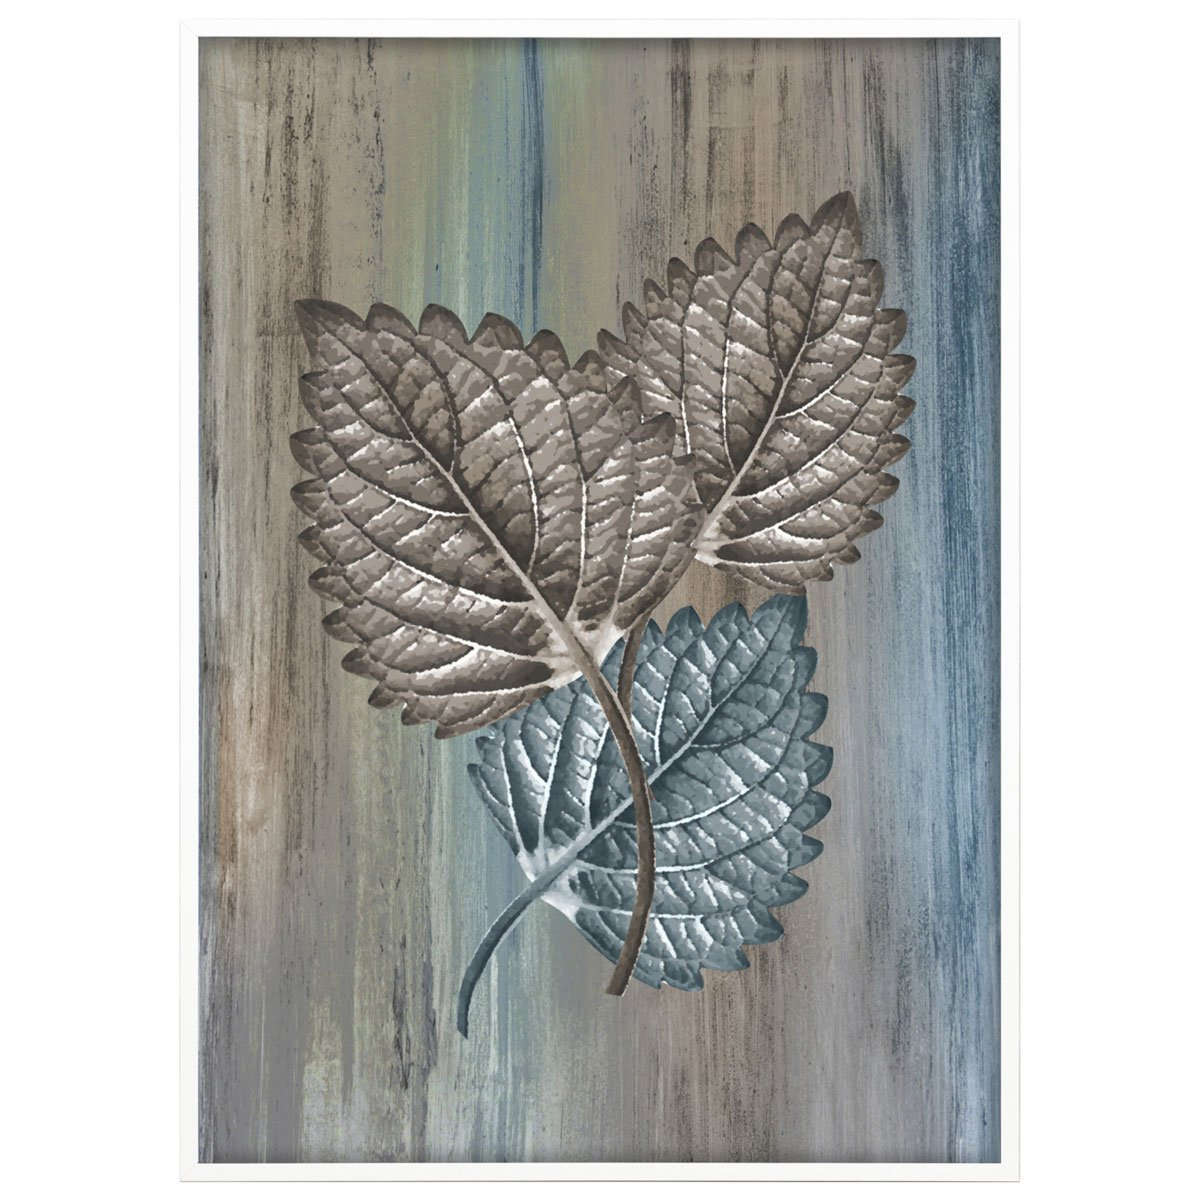 Quadro de Folhas Fundo Abstrato em Tons Terrosos 50x70 cm